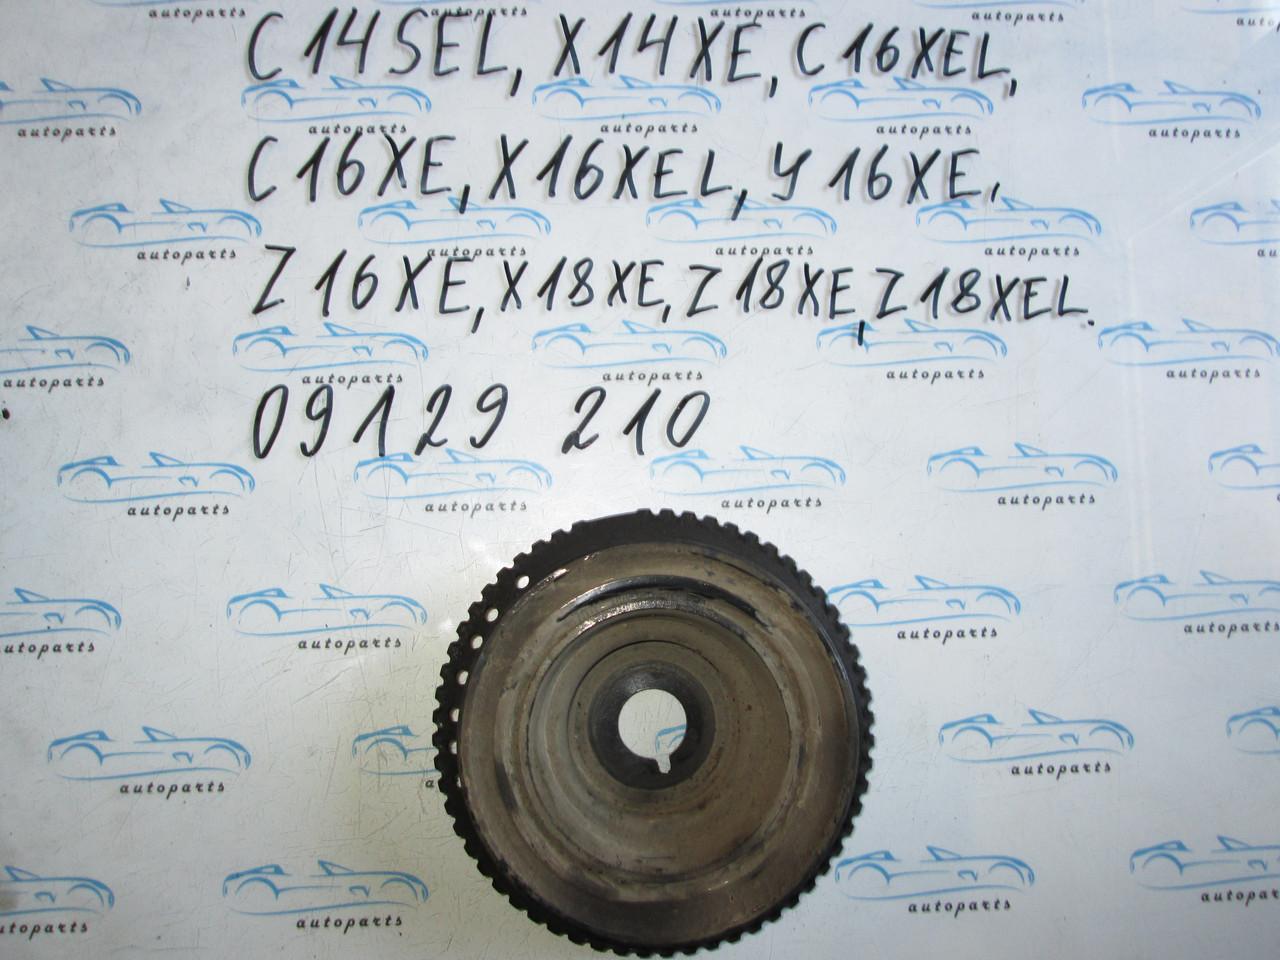 Шкив коленвала Opel 1.6, 1.8 16V, X16XEL, Z18XE1, 09129210